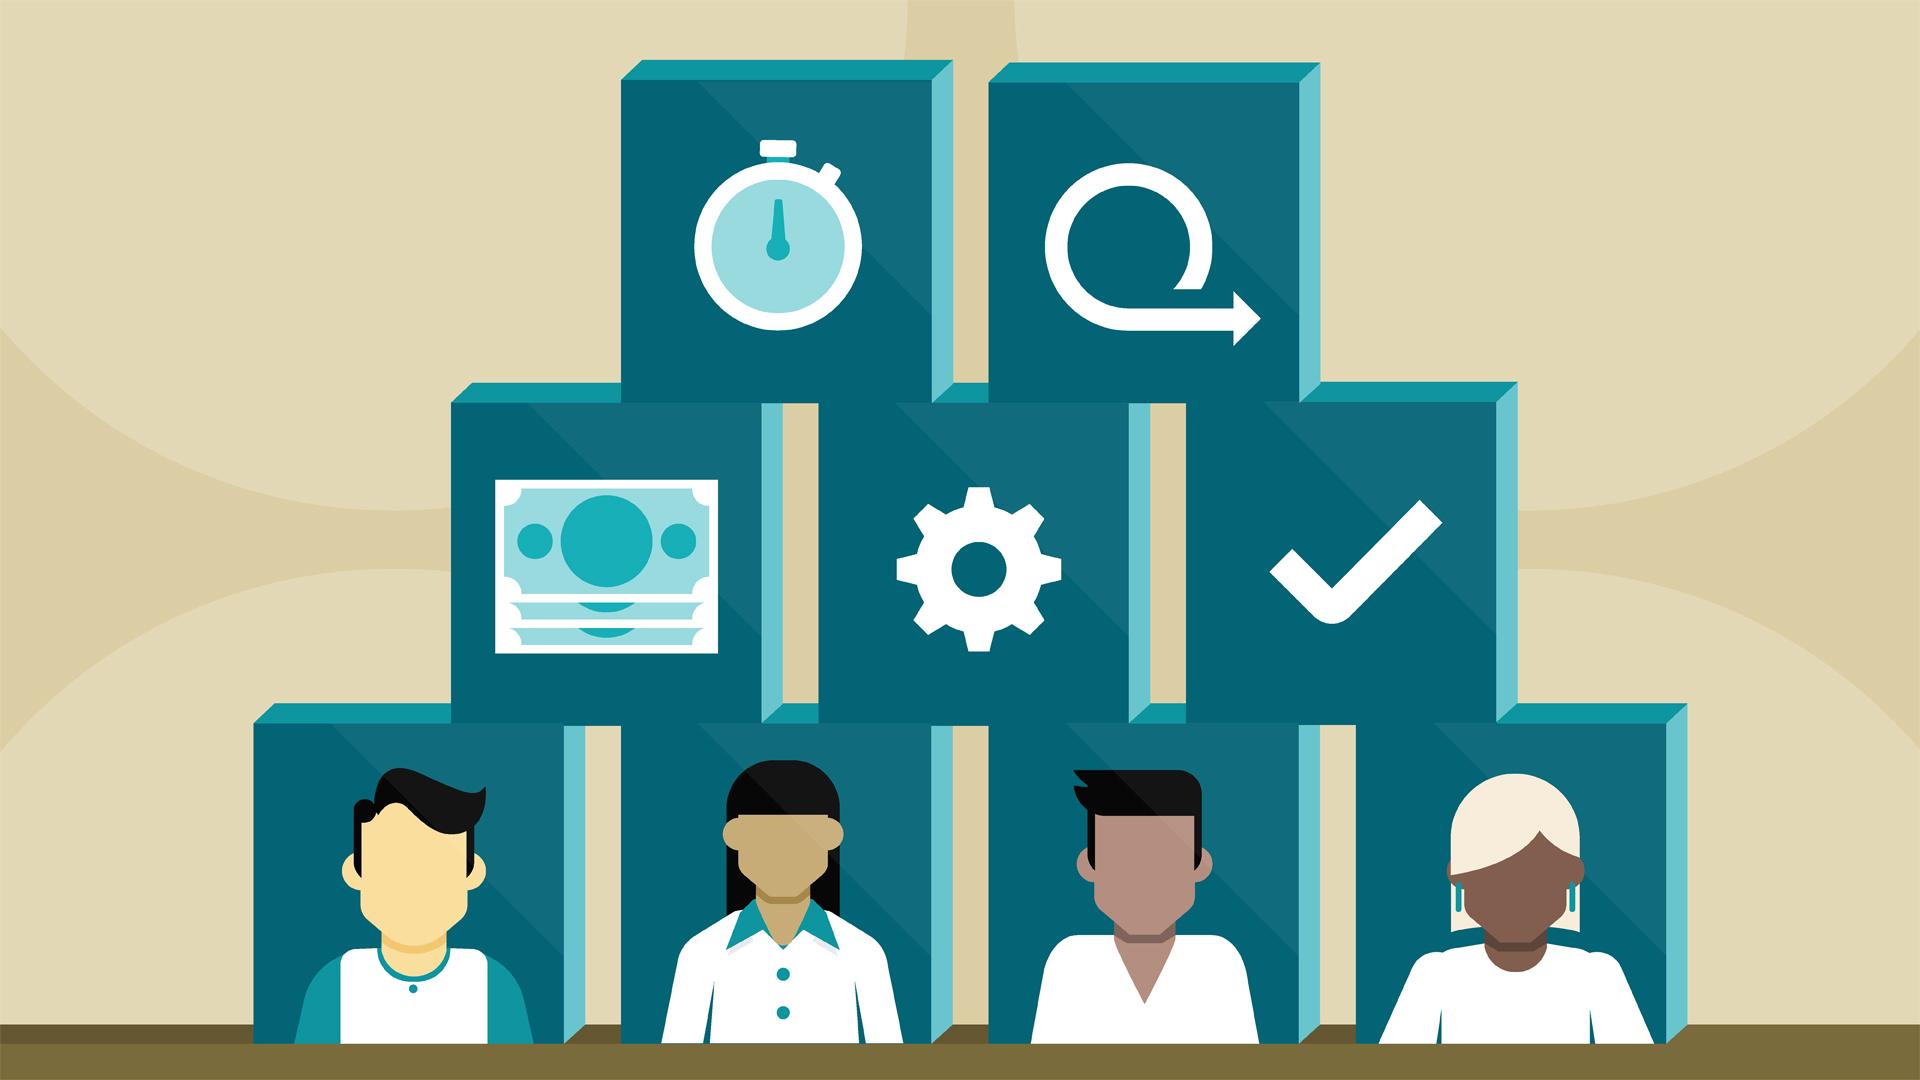 Descubre nuestro Curso Online de Aprendizaje Basado en Proyectos